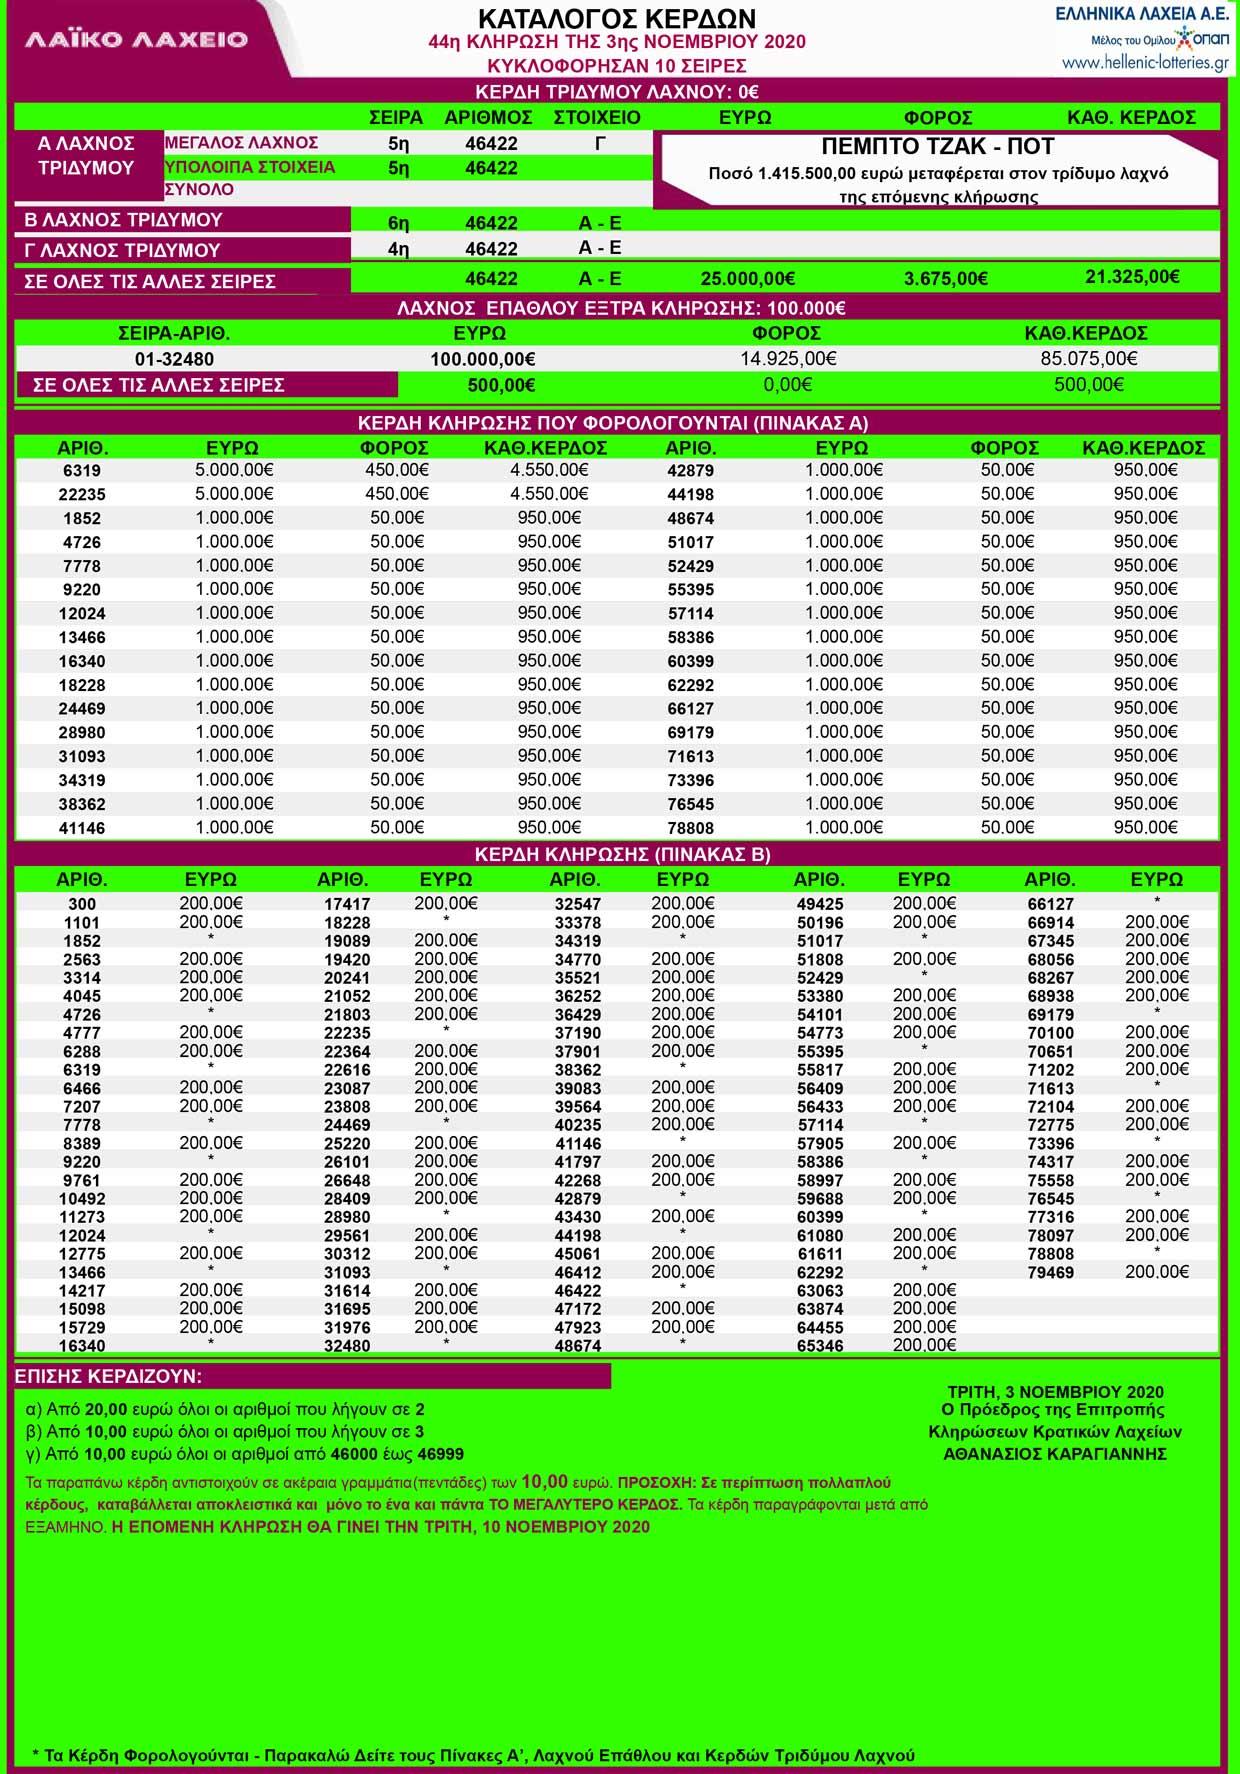 laiko-laxeio-03-11-2020-apotelesmata-laiko-laxeio-03-noembrioy-2020-kerdh